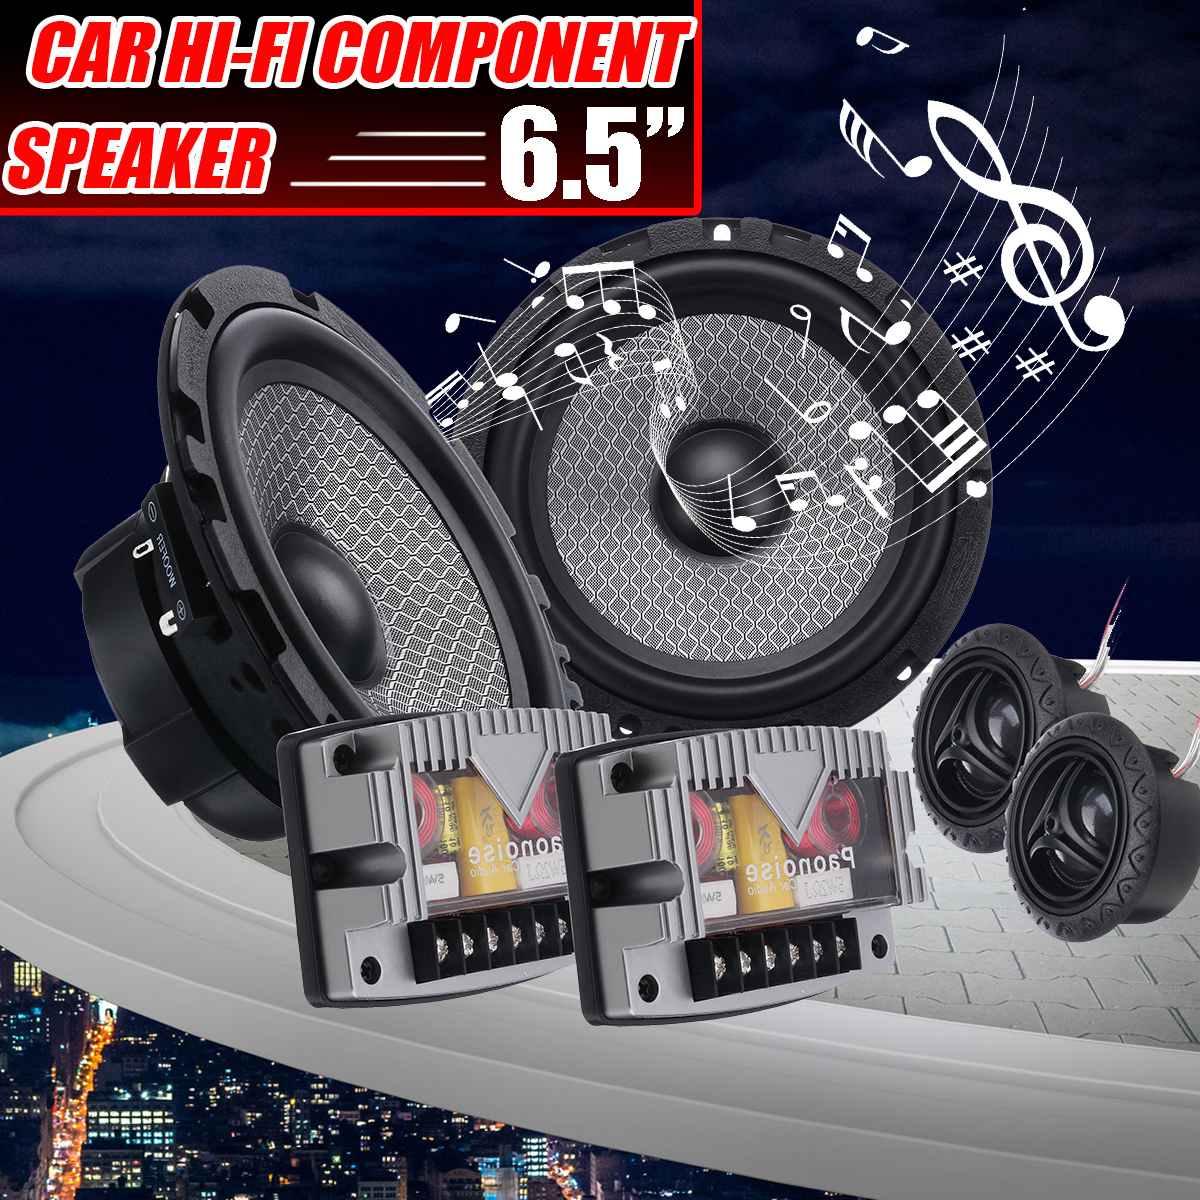 6.5 pouces 400W voiture Audio bidirectionnel HiFi composant haut-parleur système 25 mm dôme Tweeter 1 pouce ASV voix bobine voiture Universals